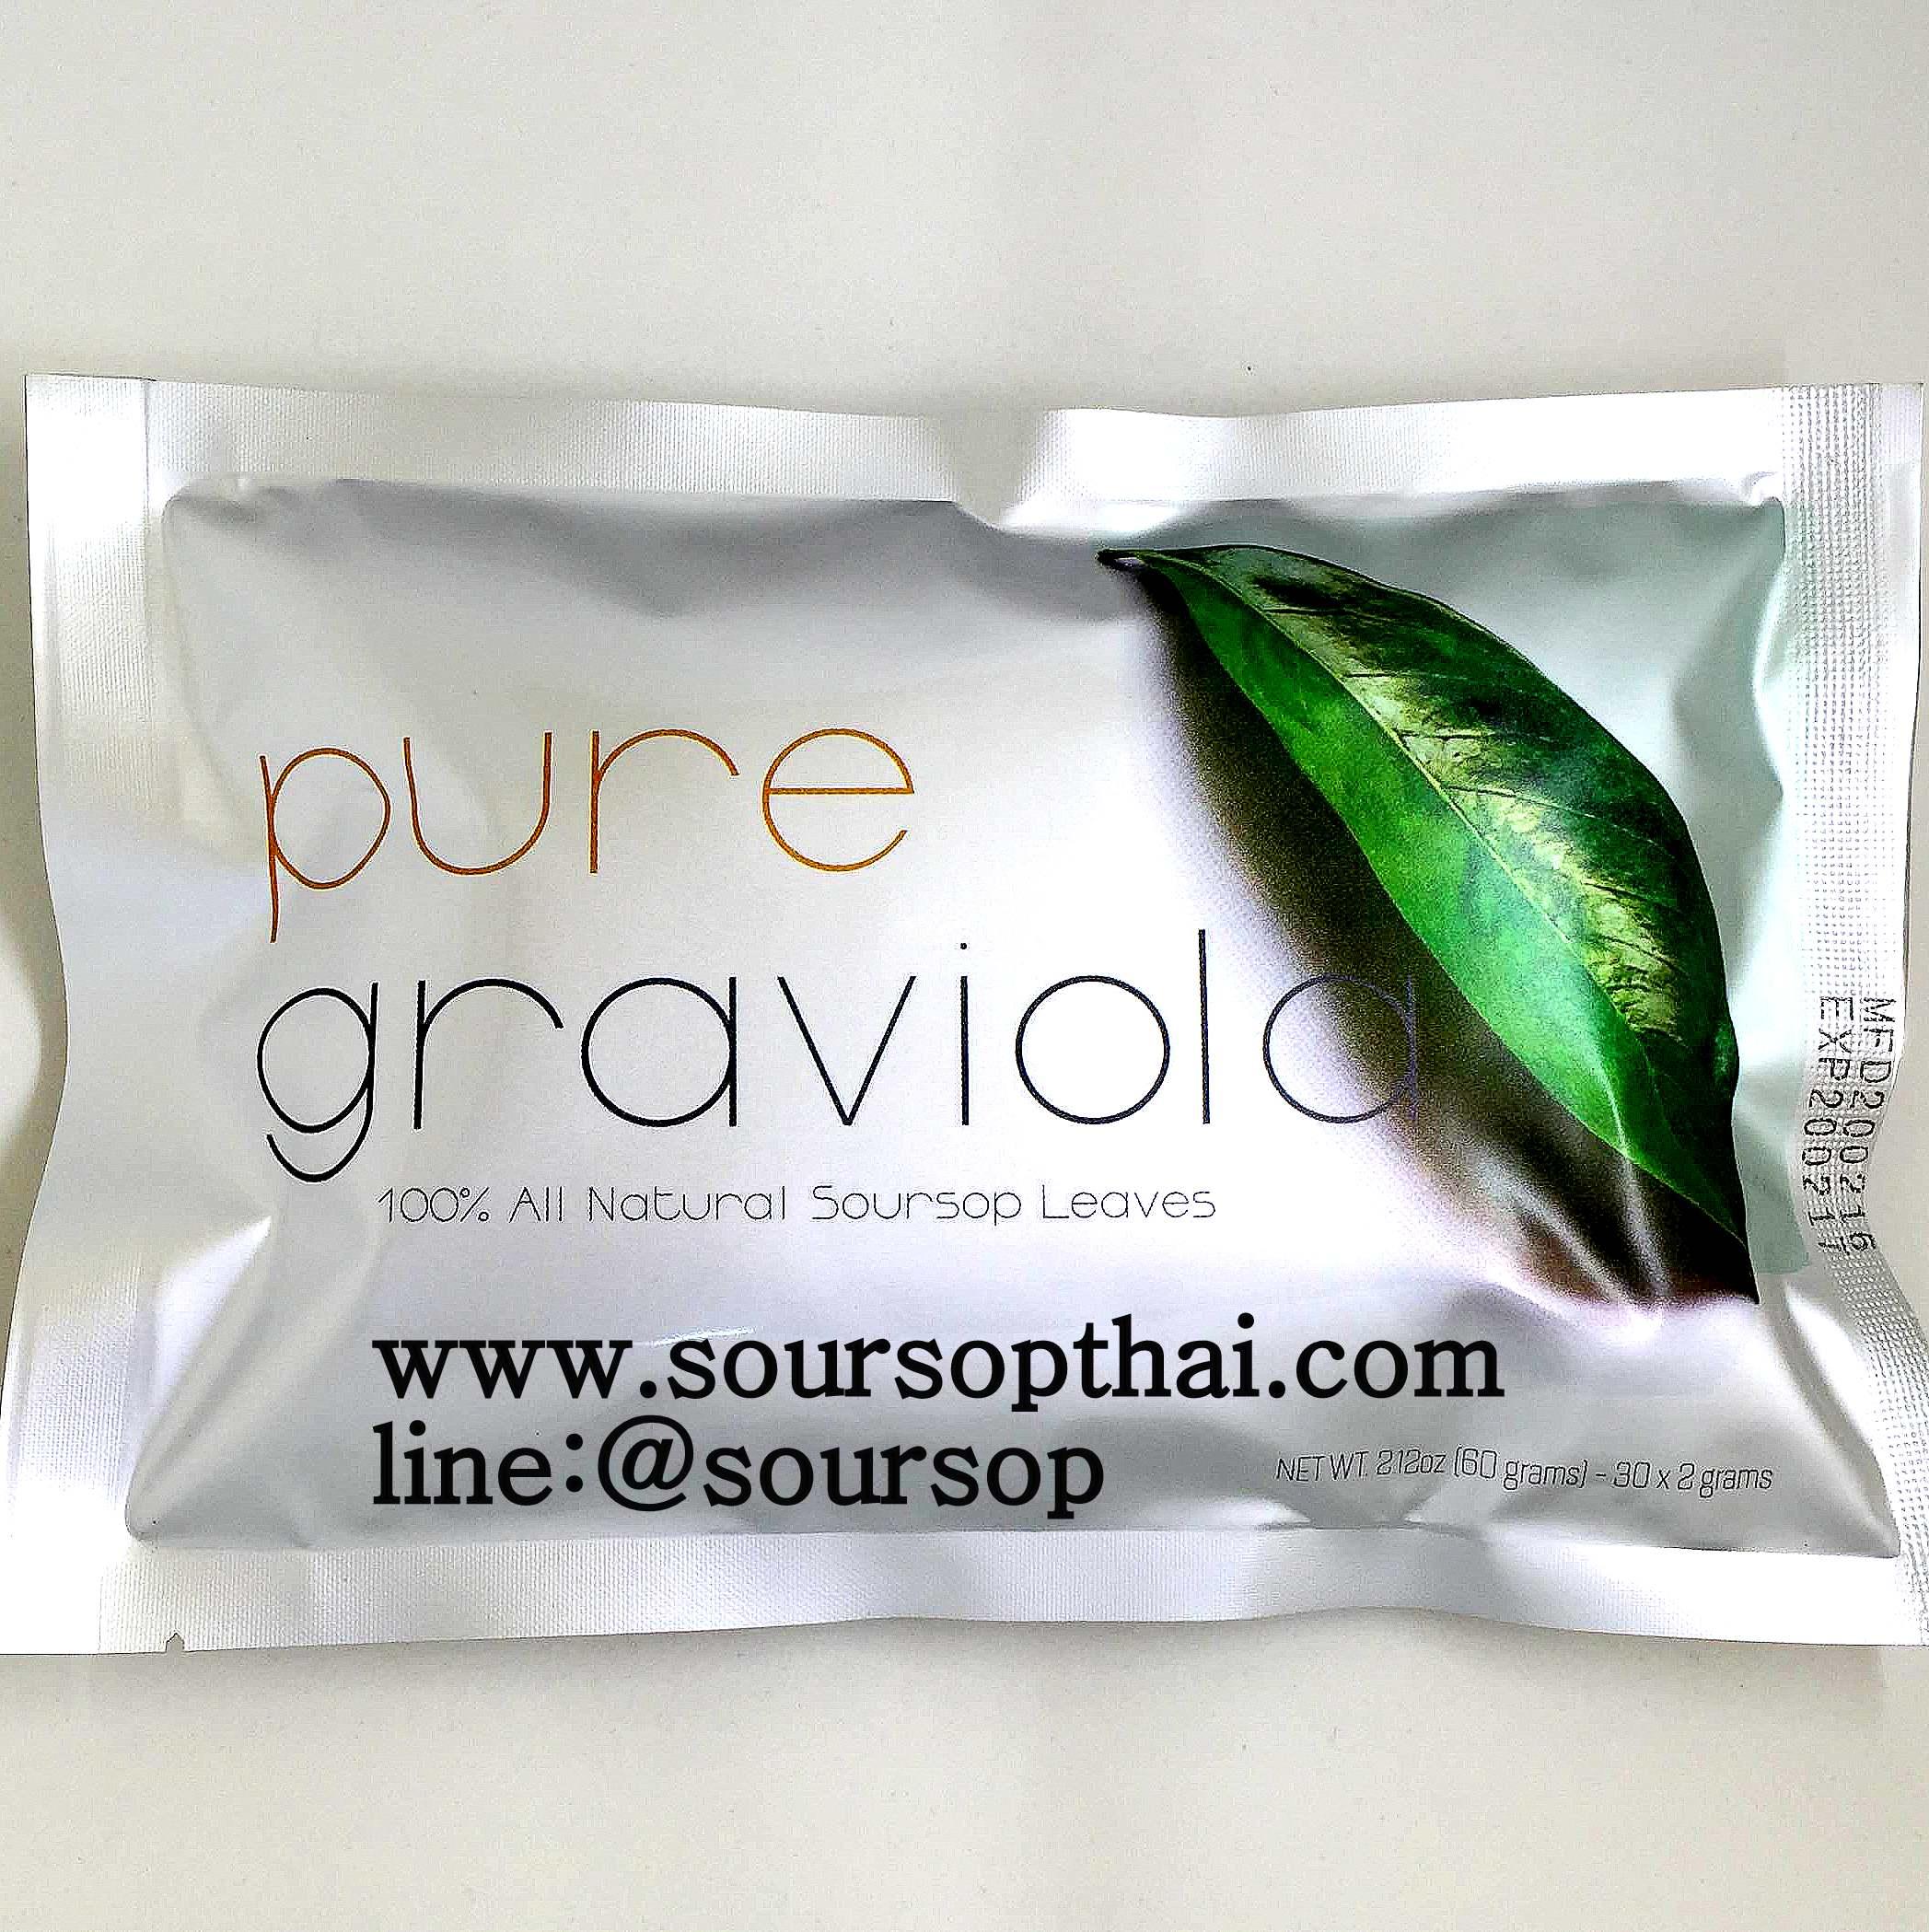 ใบทุเรียนเทศ100% ในซองชา2กรัม30ซอง (60 กรัม) (Pure Air Dried Soursop Leaves in Tea Bag 2GramsX30= 60Grams)